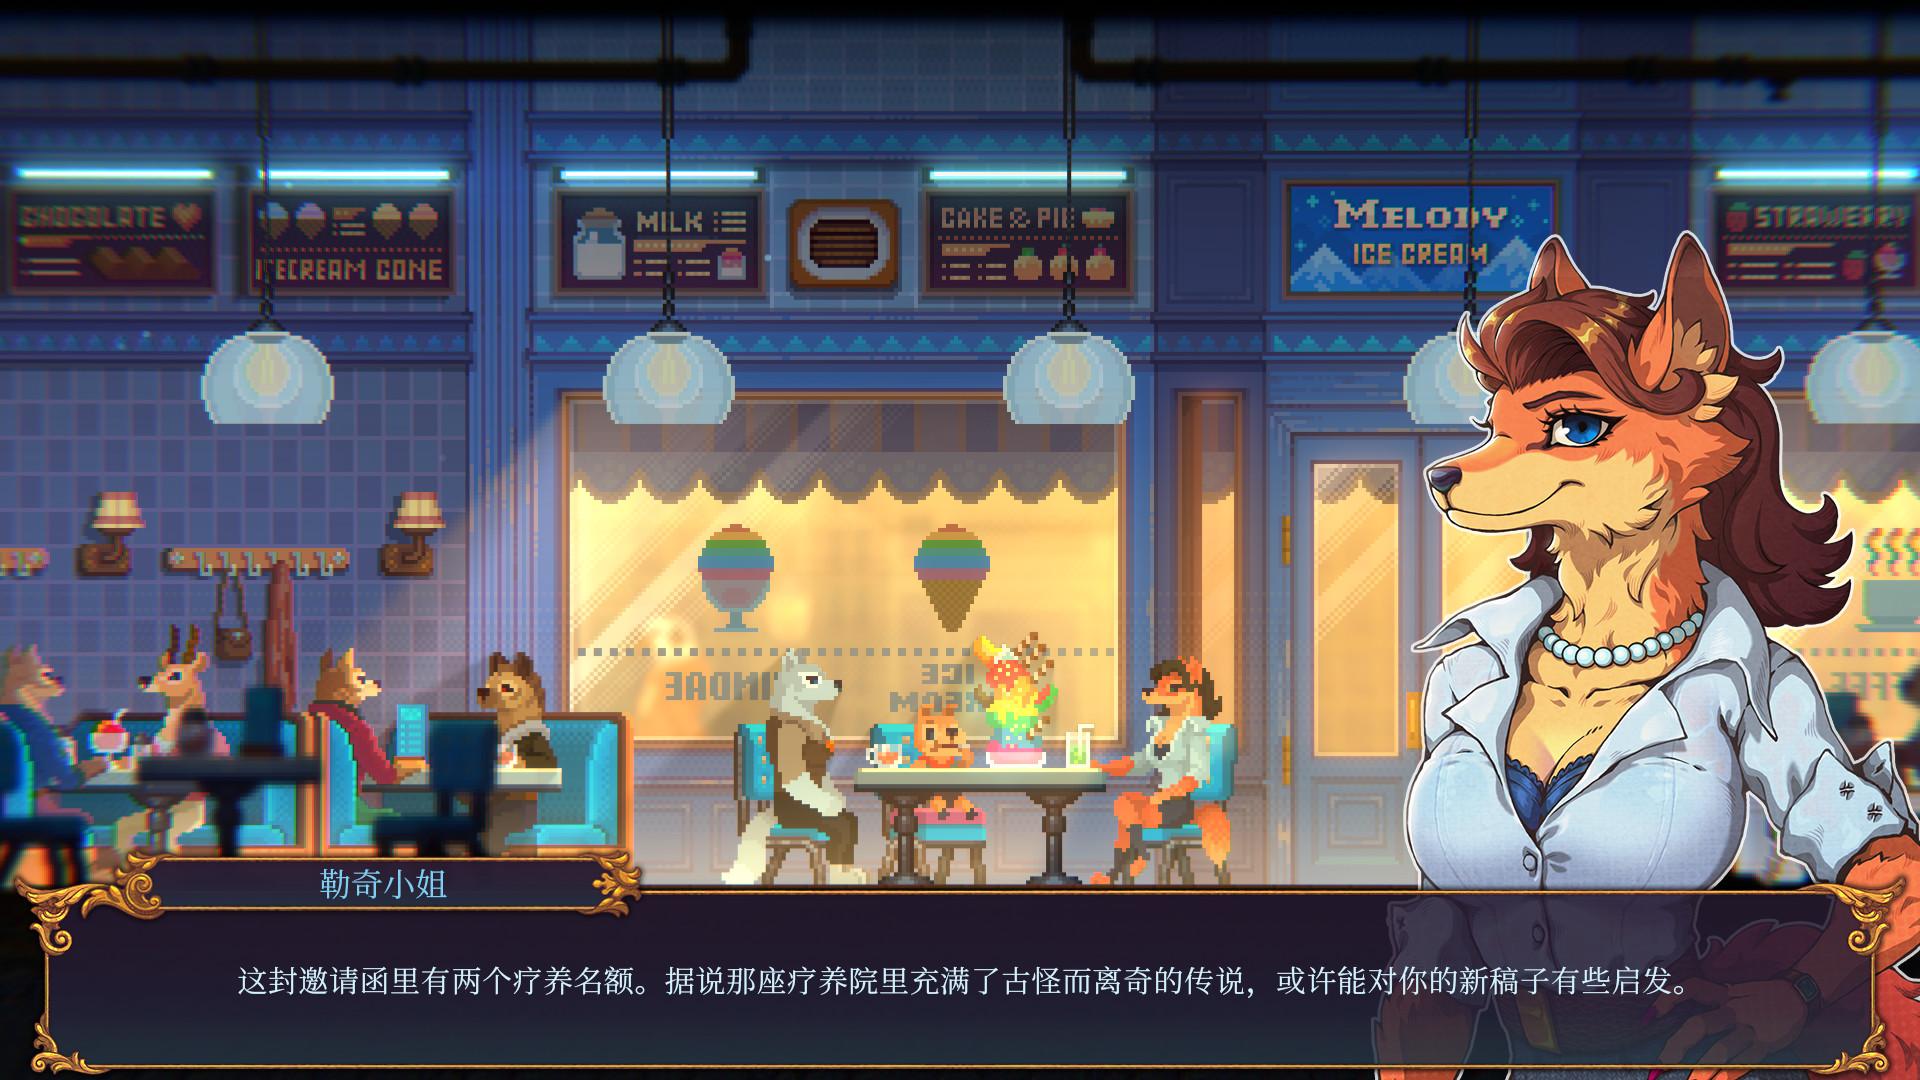 《迷雾侦探》制作人打造 国产像素风解谜游戏《水银疗养院》公布